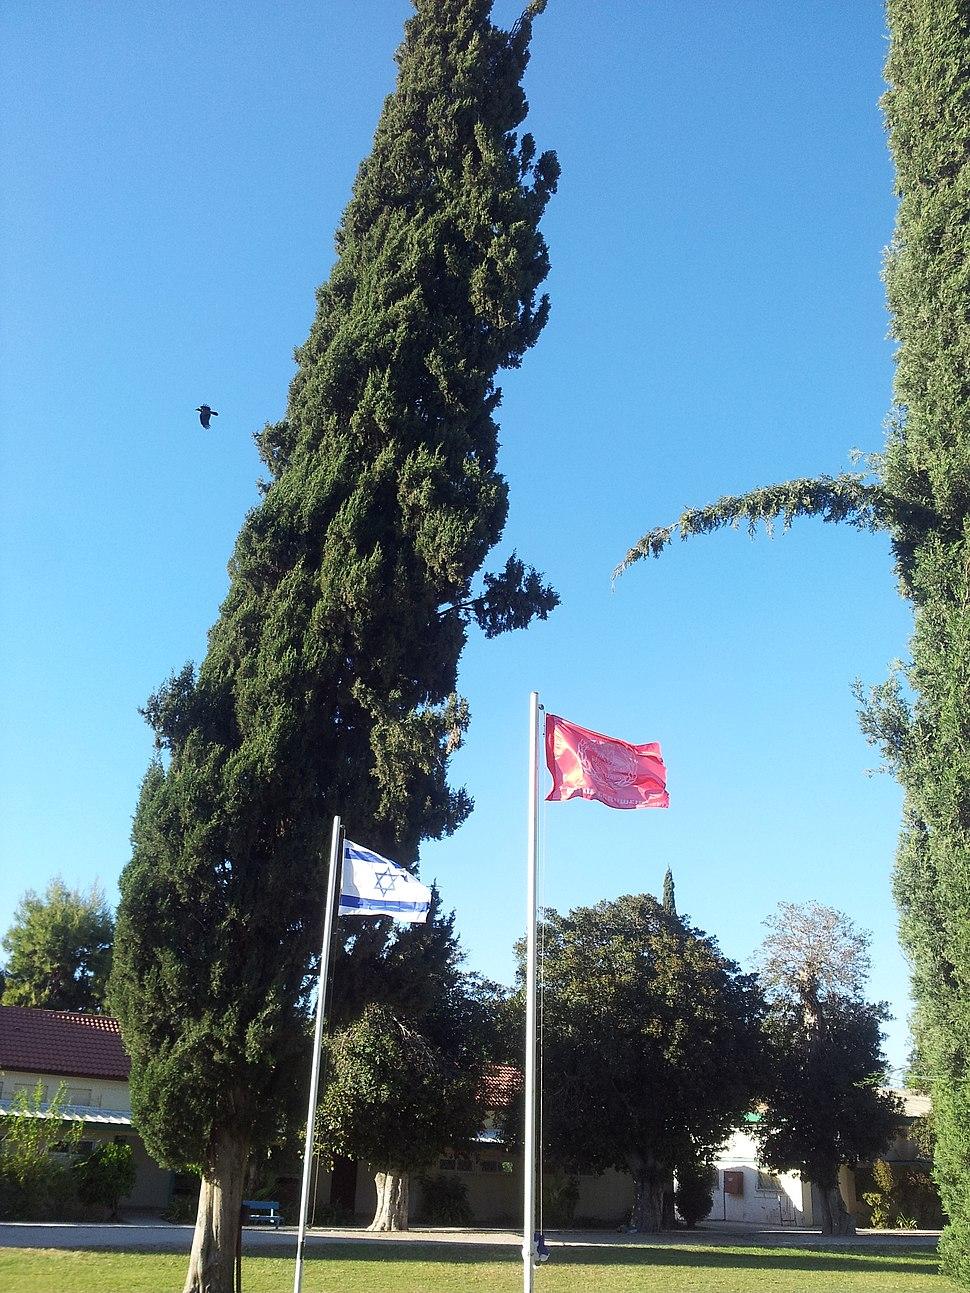 דגל ישראל לצד דגל אדום